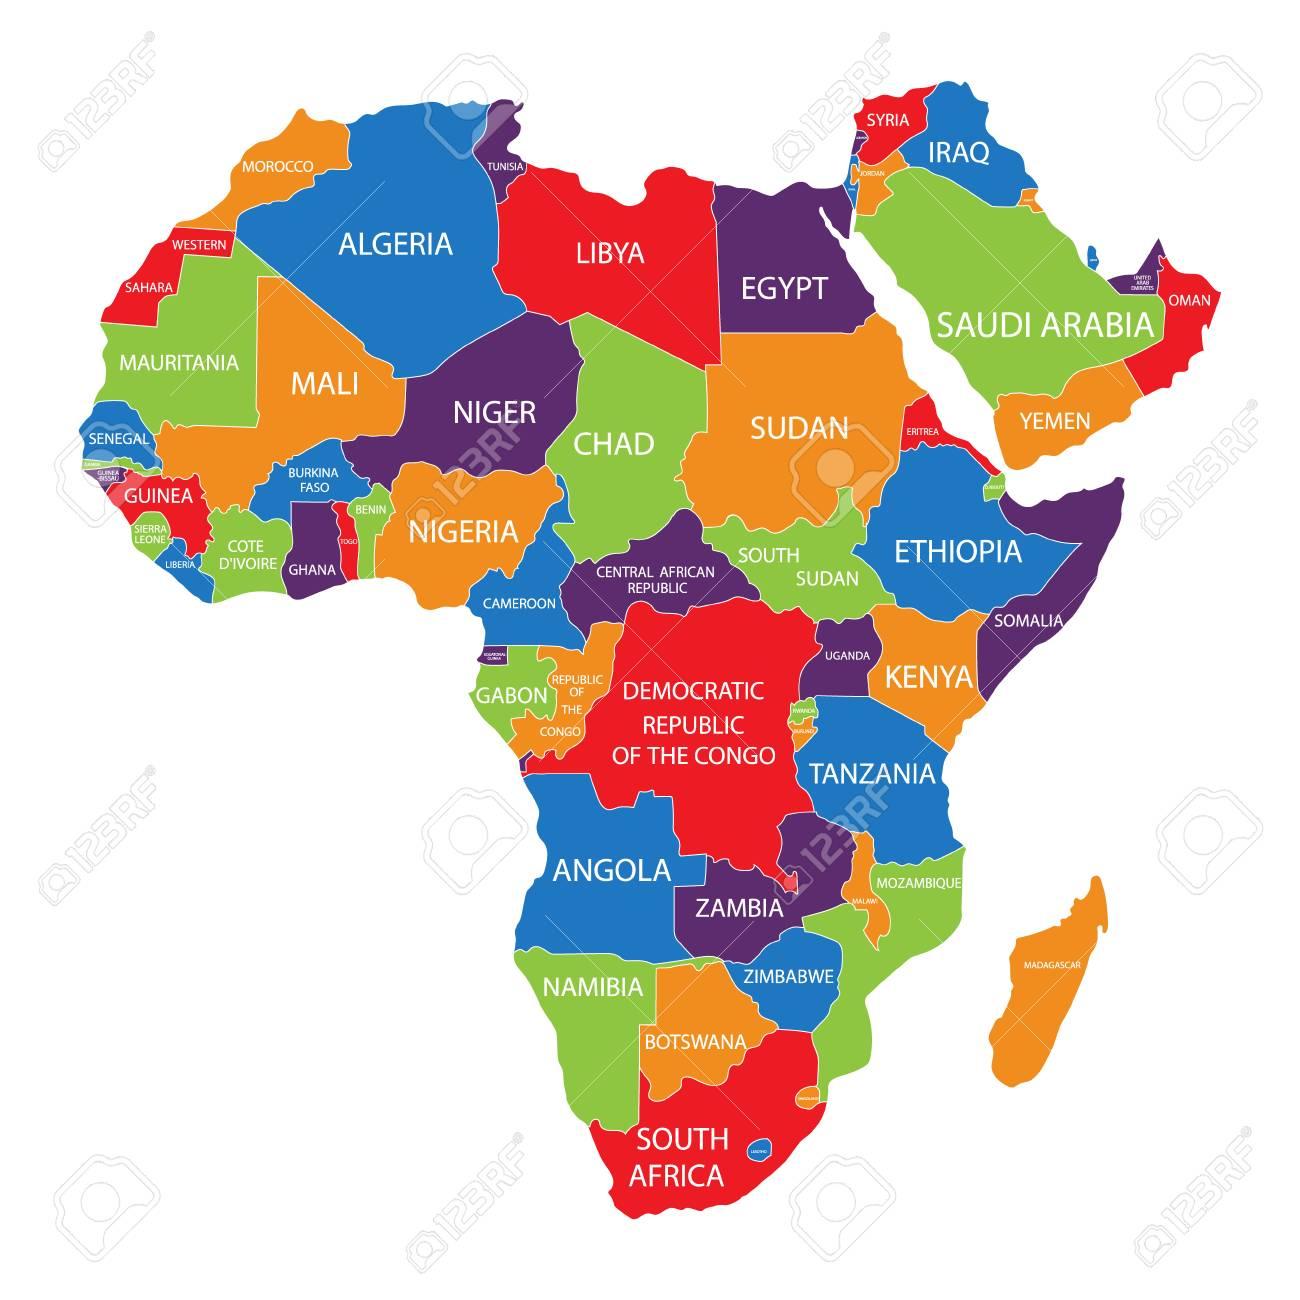 Carte Afrique Avec Pays.Raster Carte Afrique Carte Avec Des Pays Pays Isole Sur Fond Blanc Continent Africaine Icone